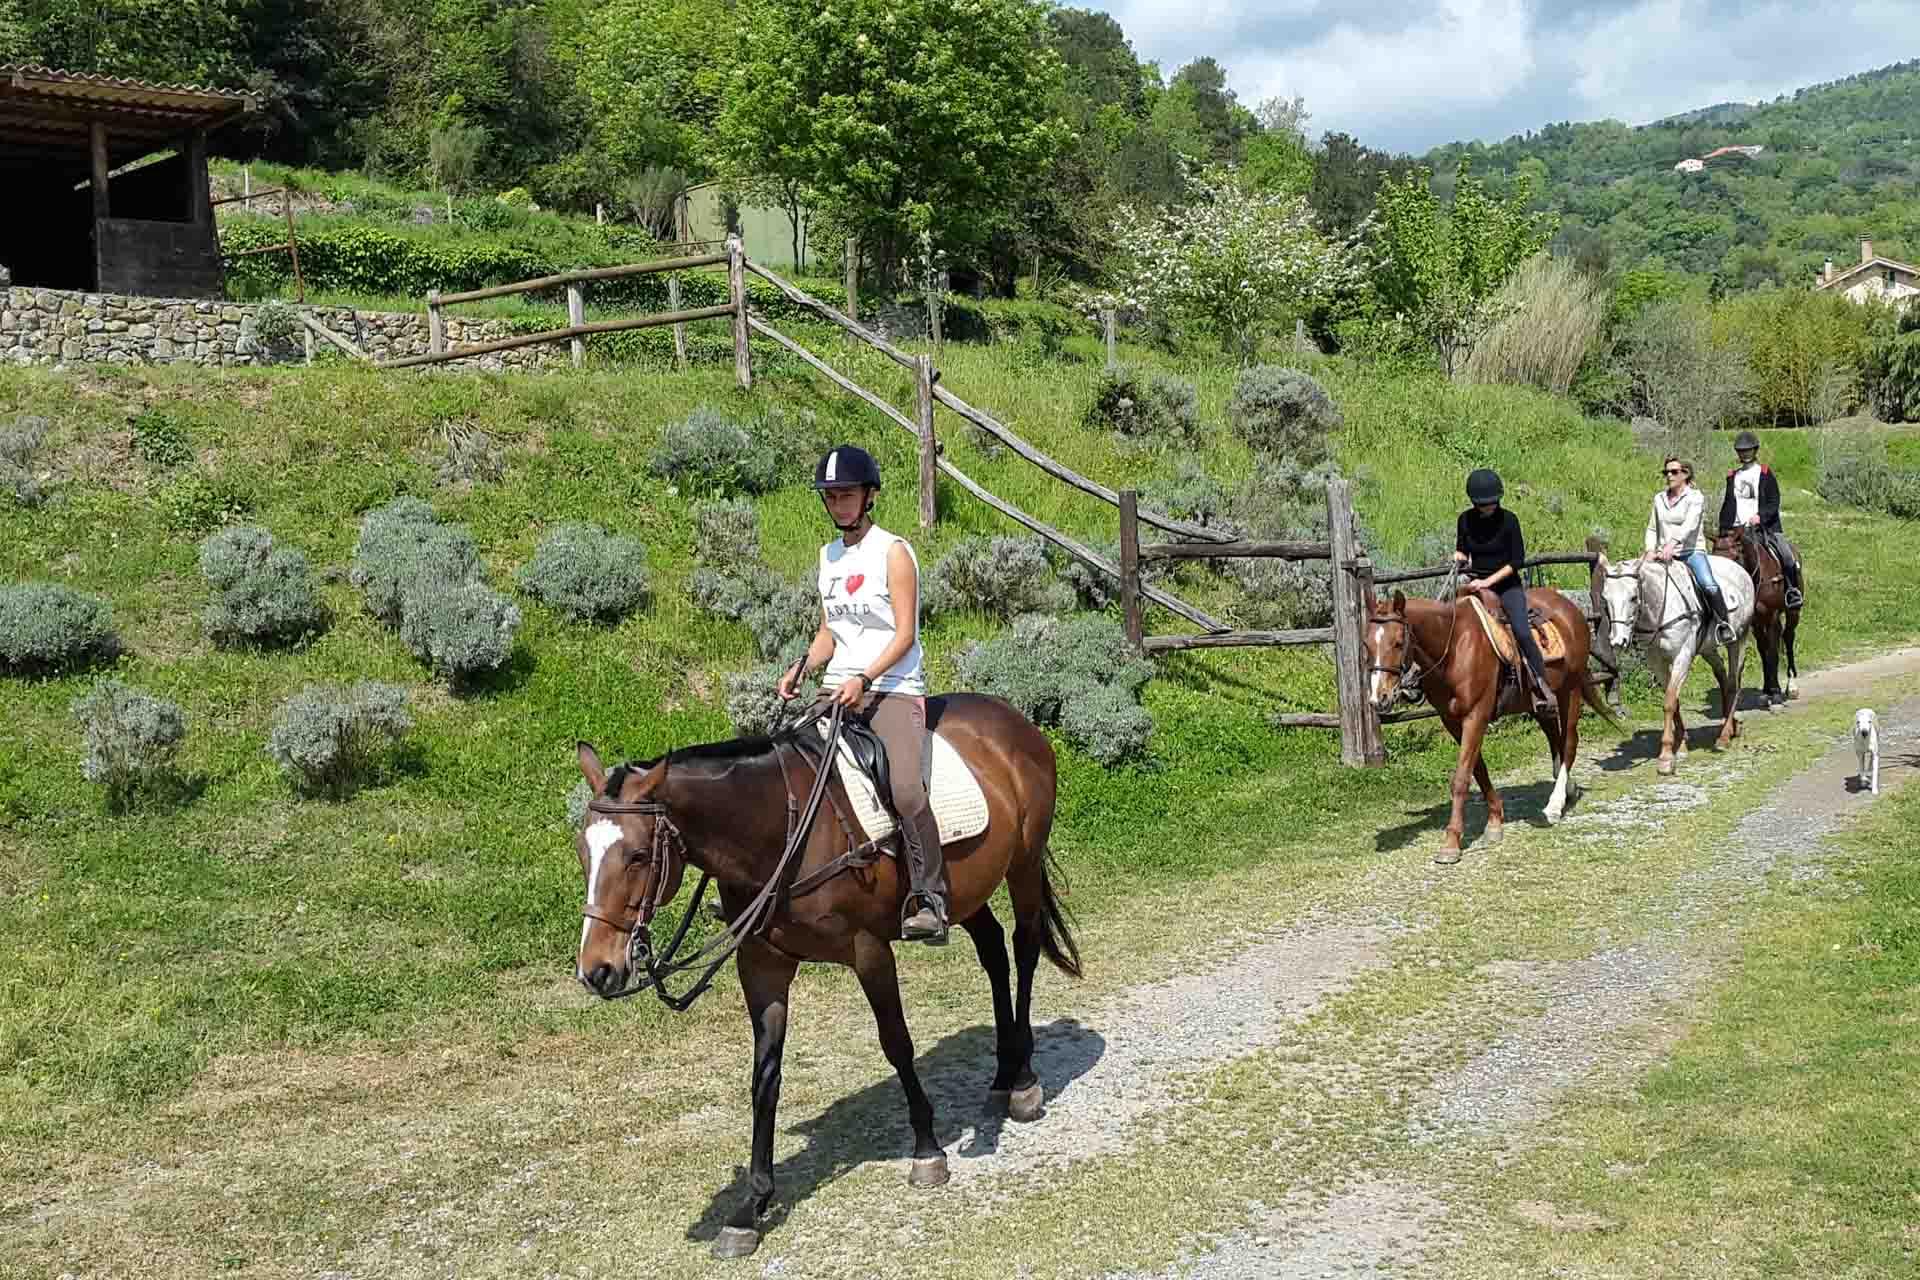 Sport-outdoor-equitazione-finale-ligure-passeggiate-cavallo-liguria-Residenza-Adelaide-004